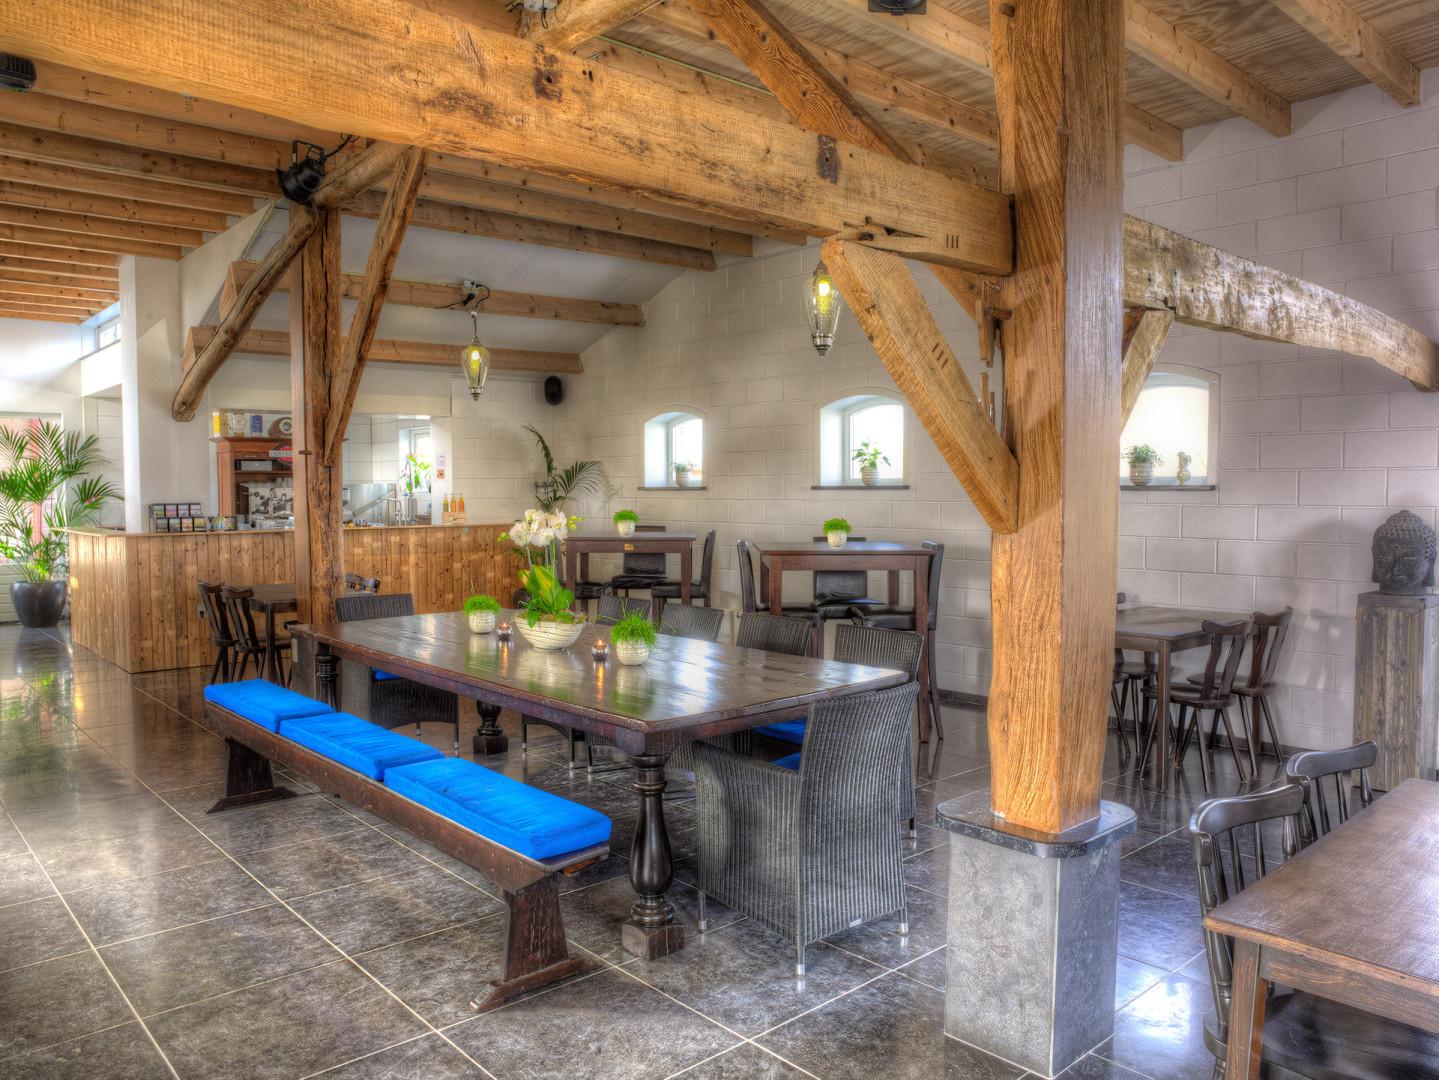 Puur Indigo,Bed&Breakfast Galder, is een nieuwetijdscentrum met een kristaladviescentrum, een heerlijke lichte, ruime praktijkruimte en een prettige Indigokamer die oneindig veel mogelijkheden biedt. Bij mooi weer kunt u neerstrijken op het fijne terras naast de oude bomen. Puur Indigo is de plek om de lekkerste warme choco of verfijnde thee te drinken, maar iets anders kan natuurlijk ook. Puur Indigo ligt in het landelijke gebied De Balleman, net onder Breda, tegen de grens met België. Het centrum is gevestigd in een gerenoveerde boerenschuur die een ontspannen sfeer uitstraalt. Een uitnodigende locatie, of u nu in uw eentje voor een kop thee komt of een workshop organiseert voor een hele groep.  Petrula en Herwig Jansen zorgen voor een aangename sfeer, waardoor u graag weer terug komt voor een drankje, een massage of voor een cadeautje dat u met liefde geeft. Puur Indigo brengt u op ideeën.